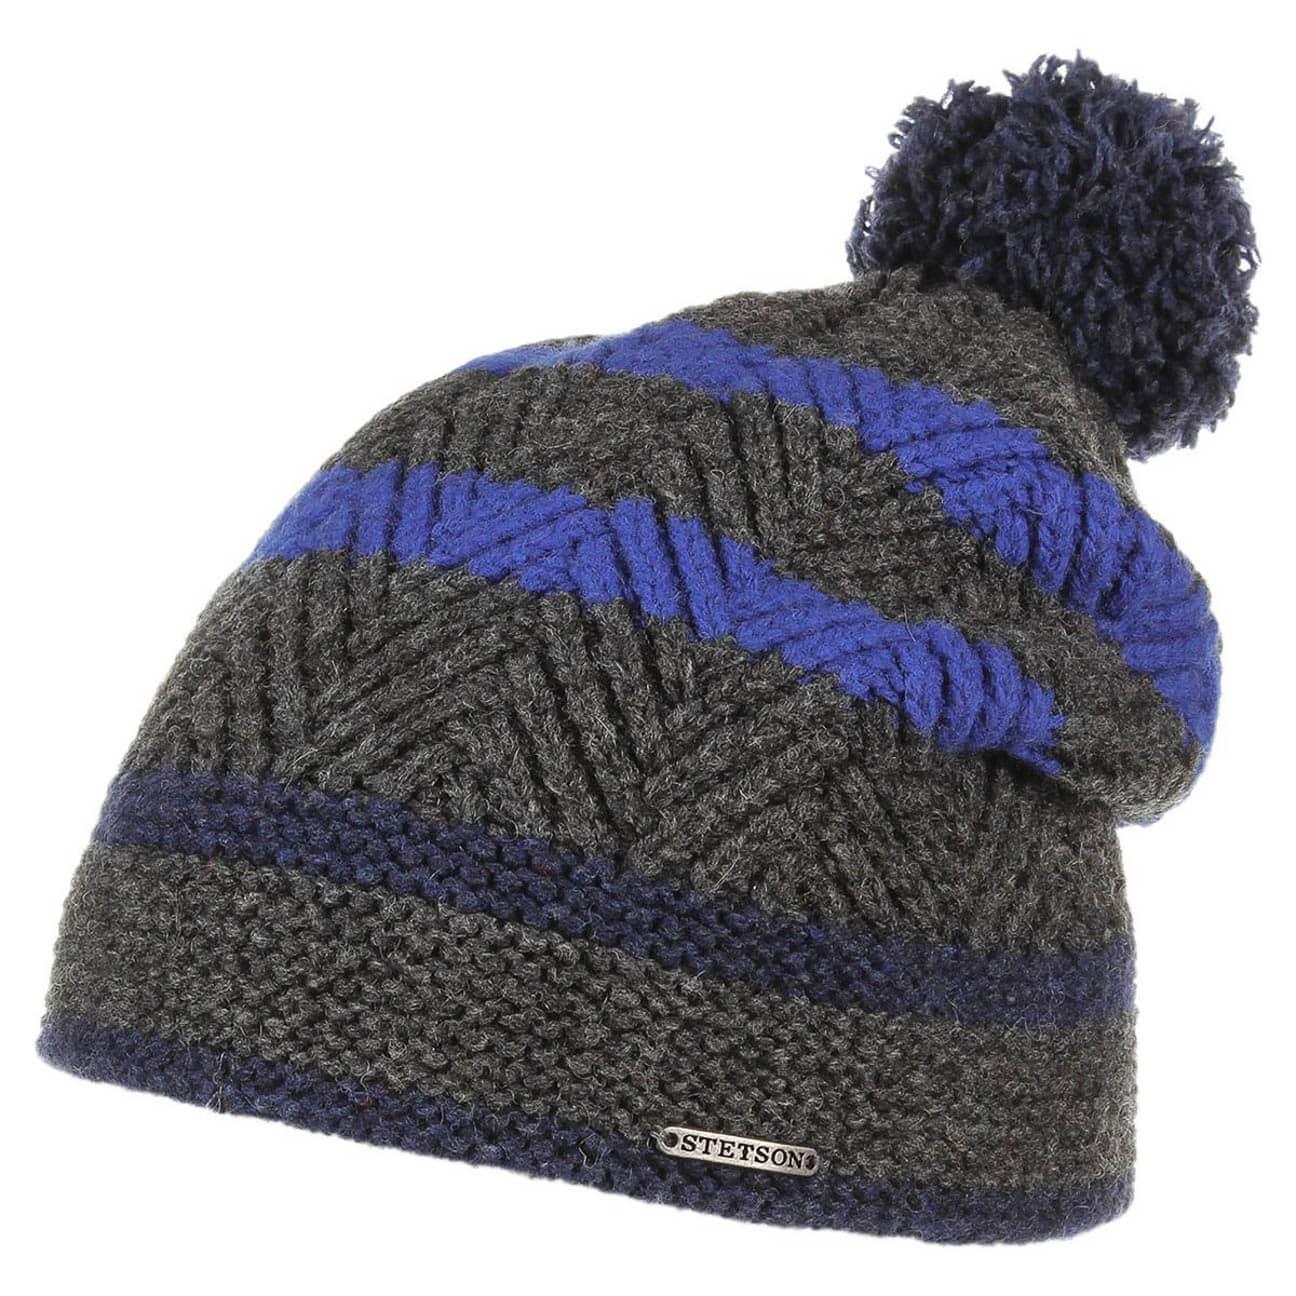 bonnet en tricot herkimer by stetson 29 00. Black Bedroom Furniture Sets. Home Design Ideas